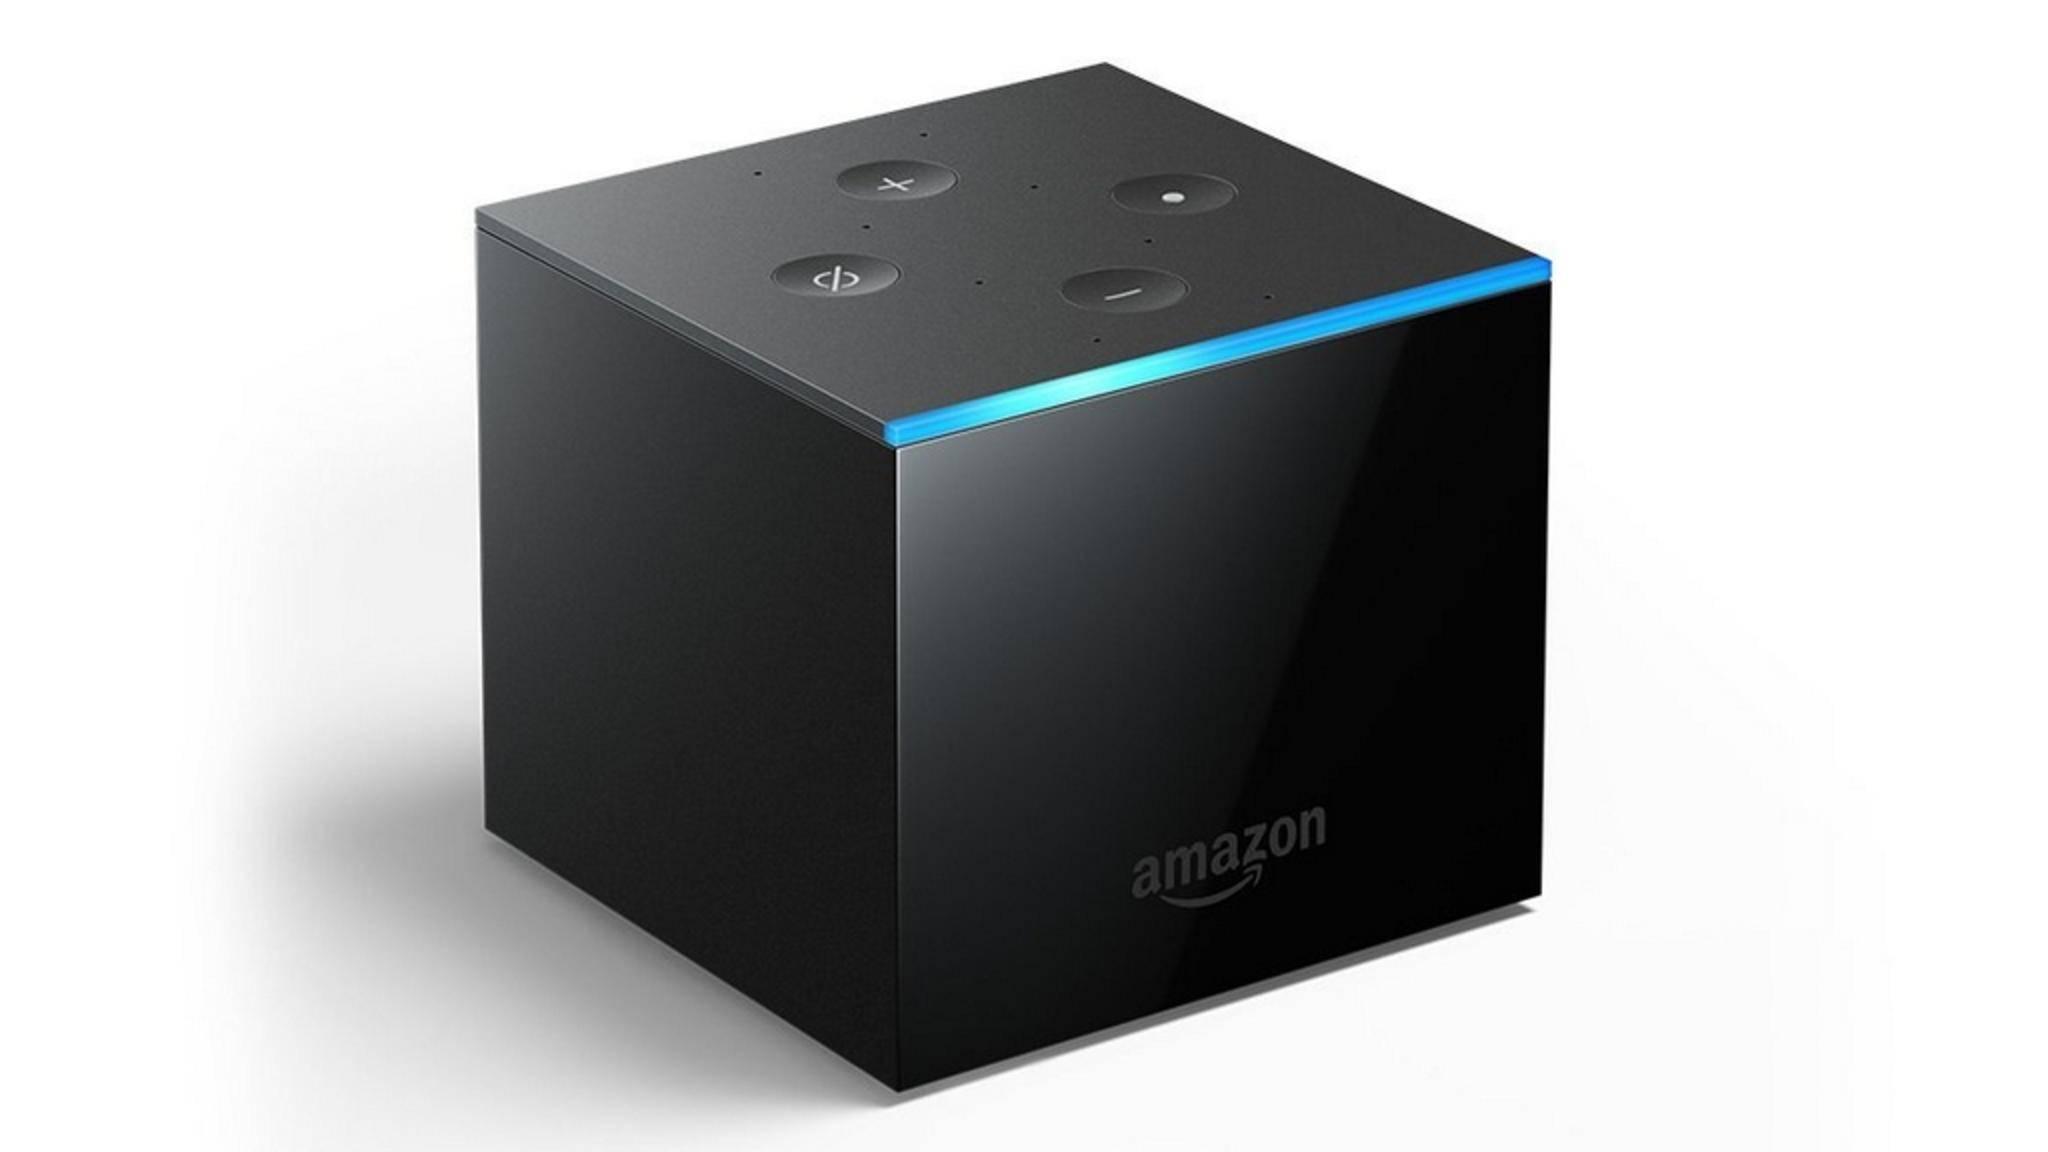 Der Fire TV Cube vereint Streaming-Box und Echo-Lautsprecher.